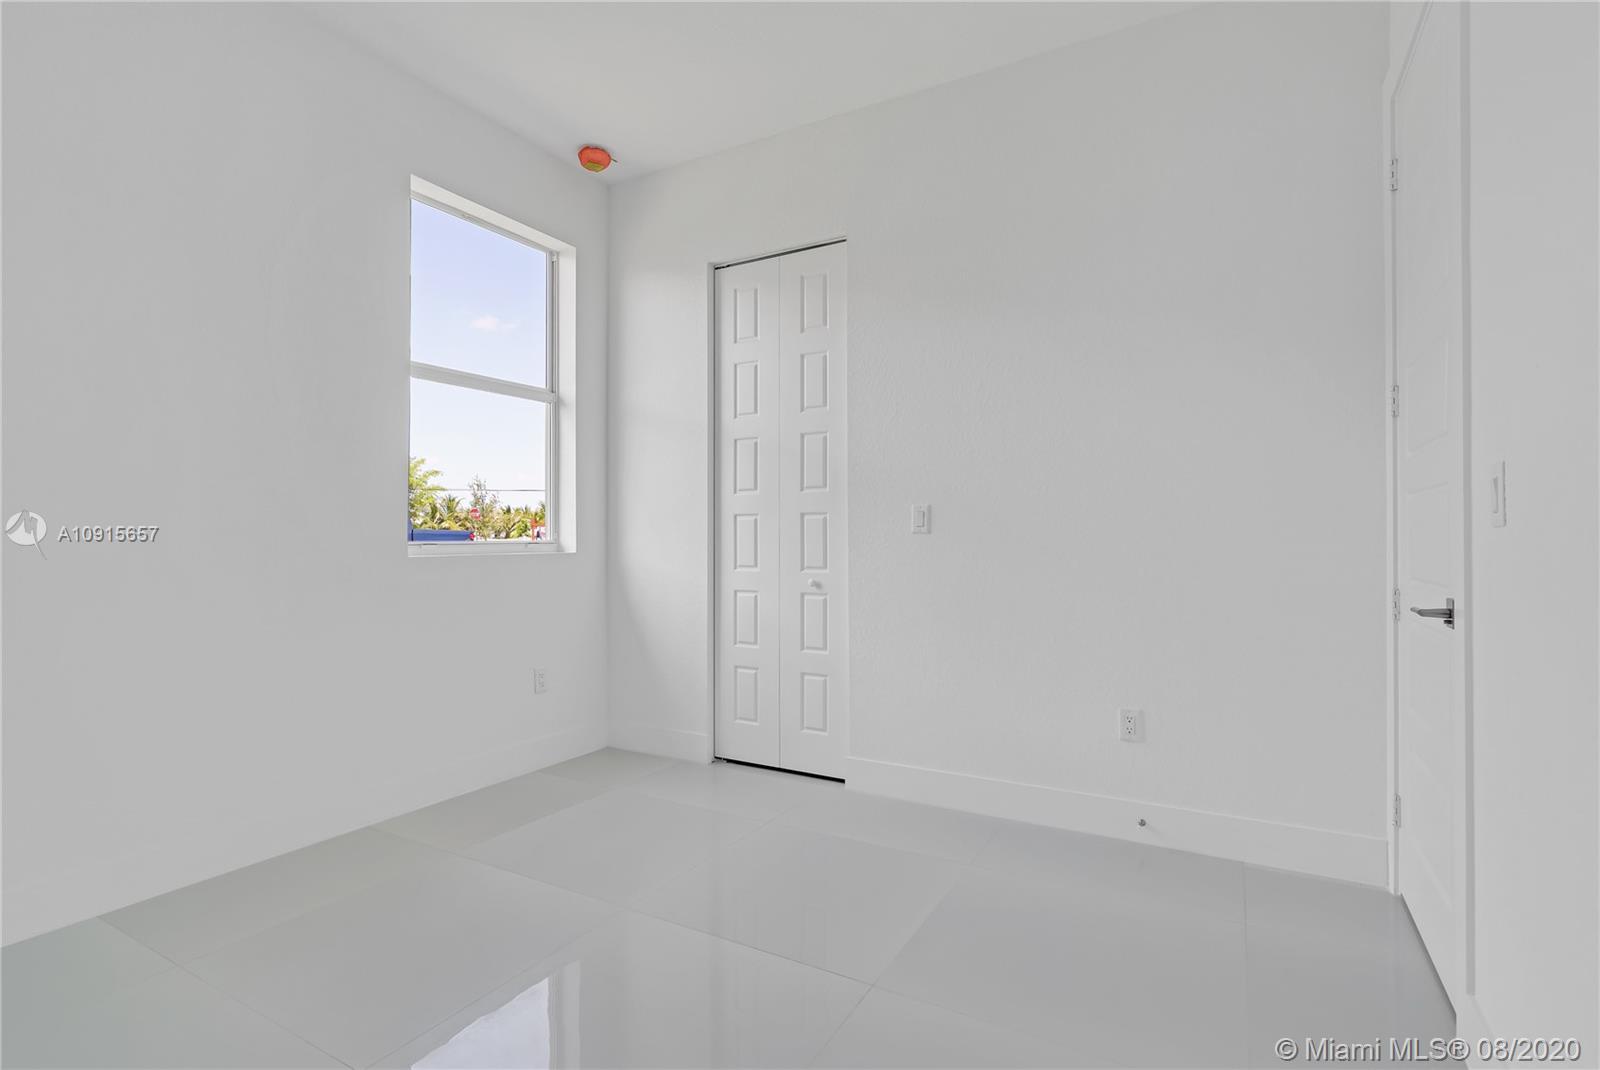 29117 SW 167 AV Property Photo - Homestead, FL real estate listing